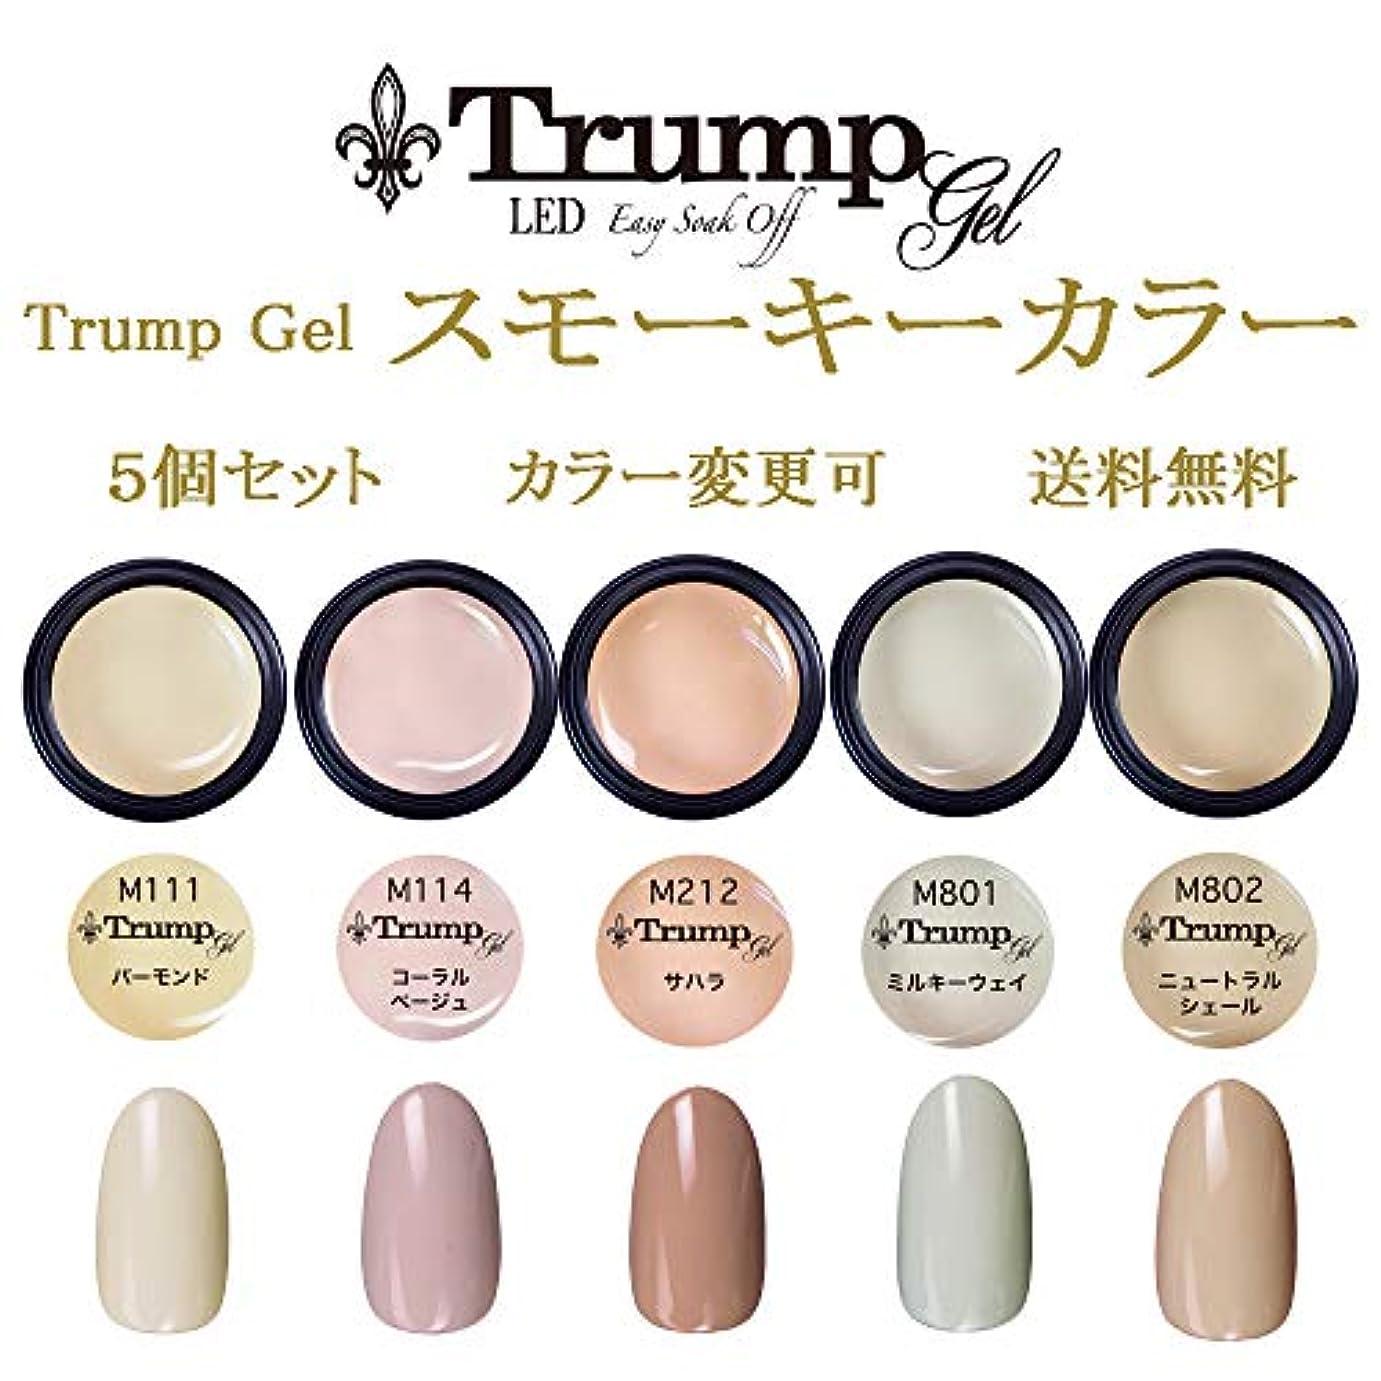 繁殖五十第三日本製 Trump gel トランプジェル スモーキーカラー 選べる カラージェル 5個セット スモーク ベージュ グレー ブラウン ピンク